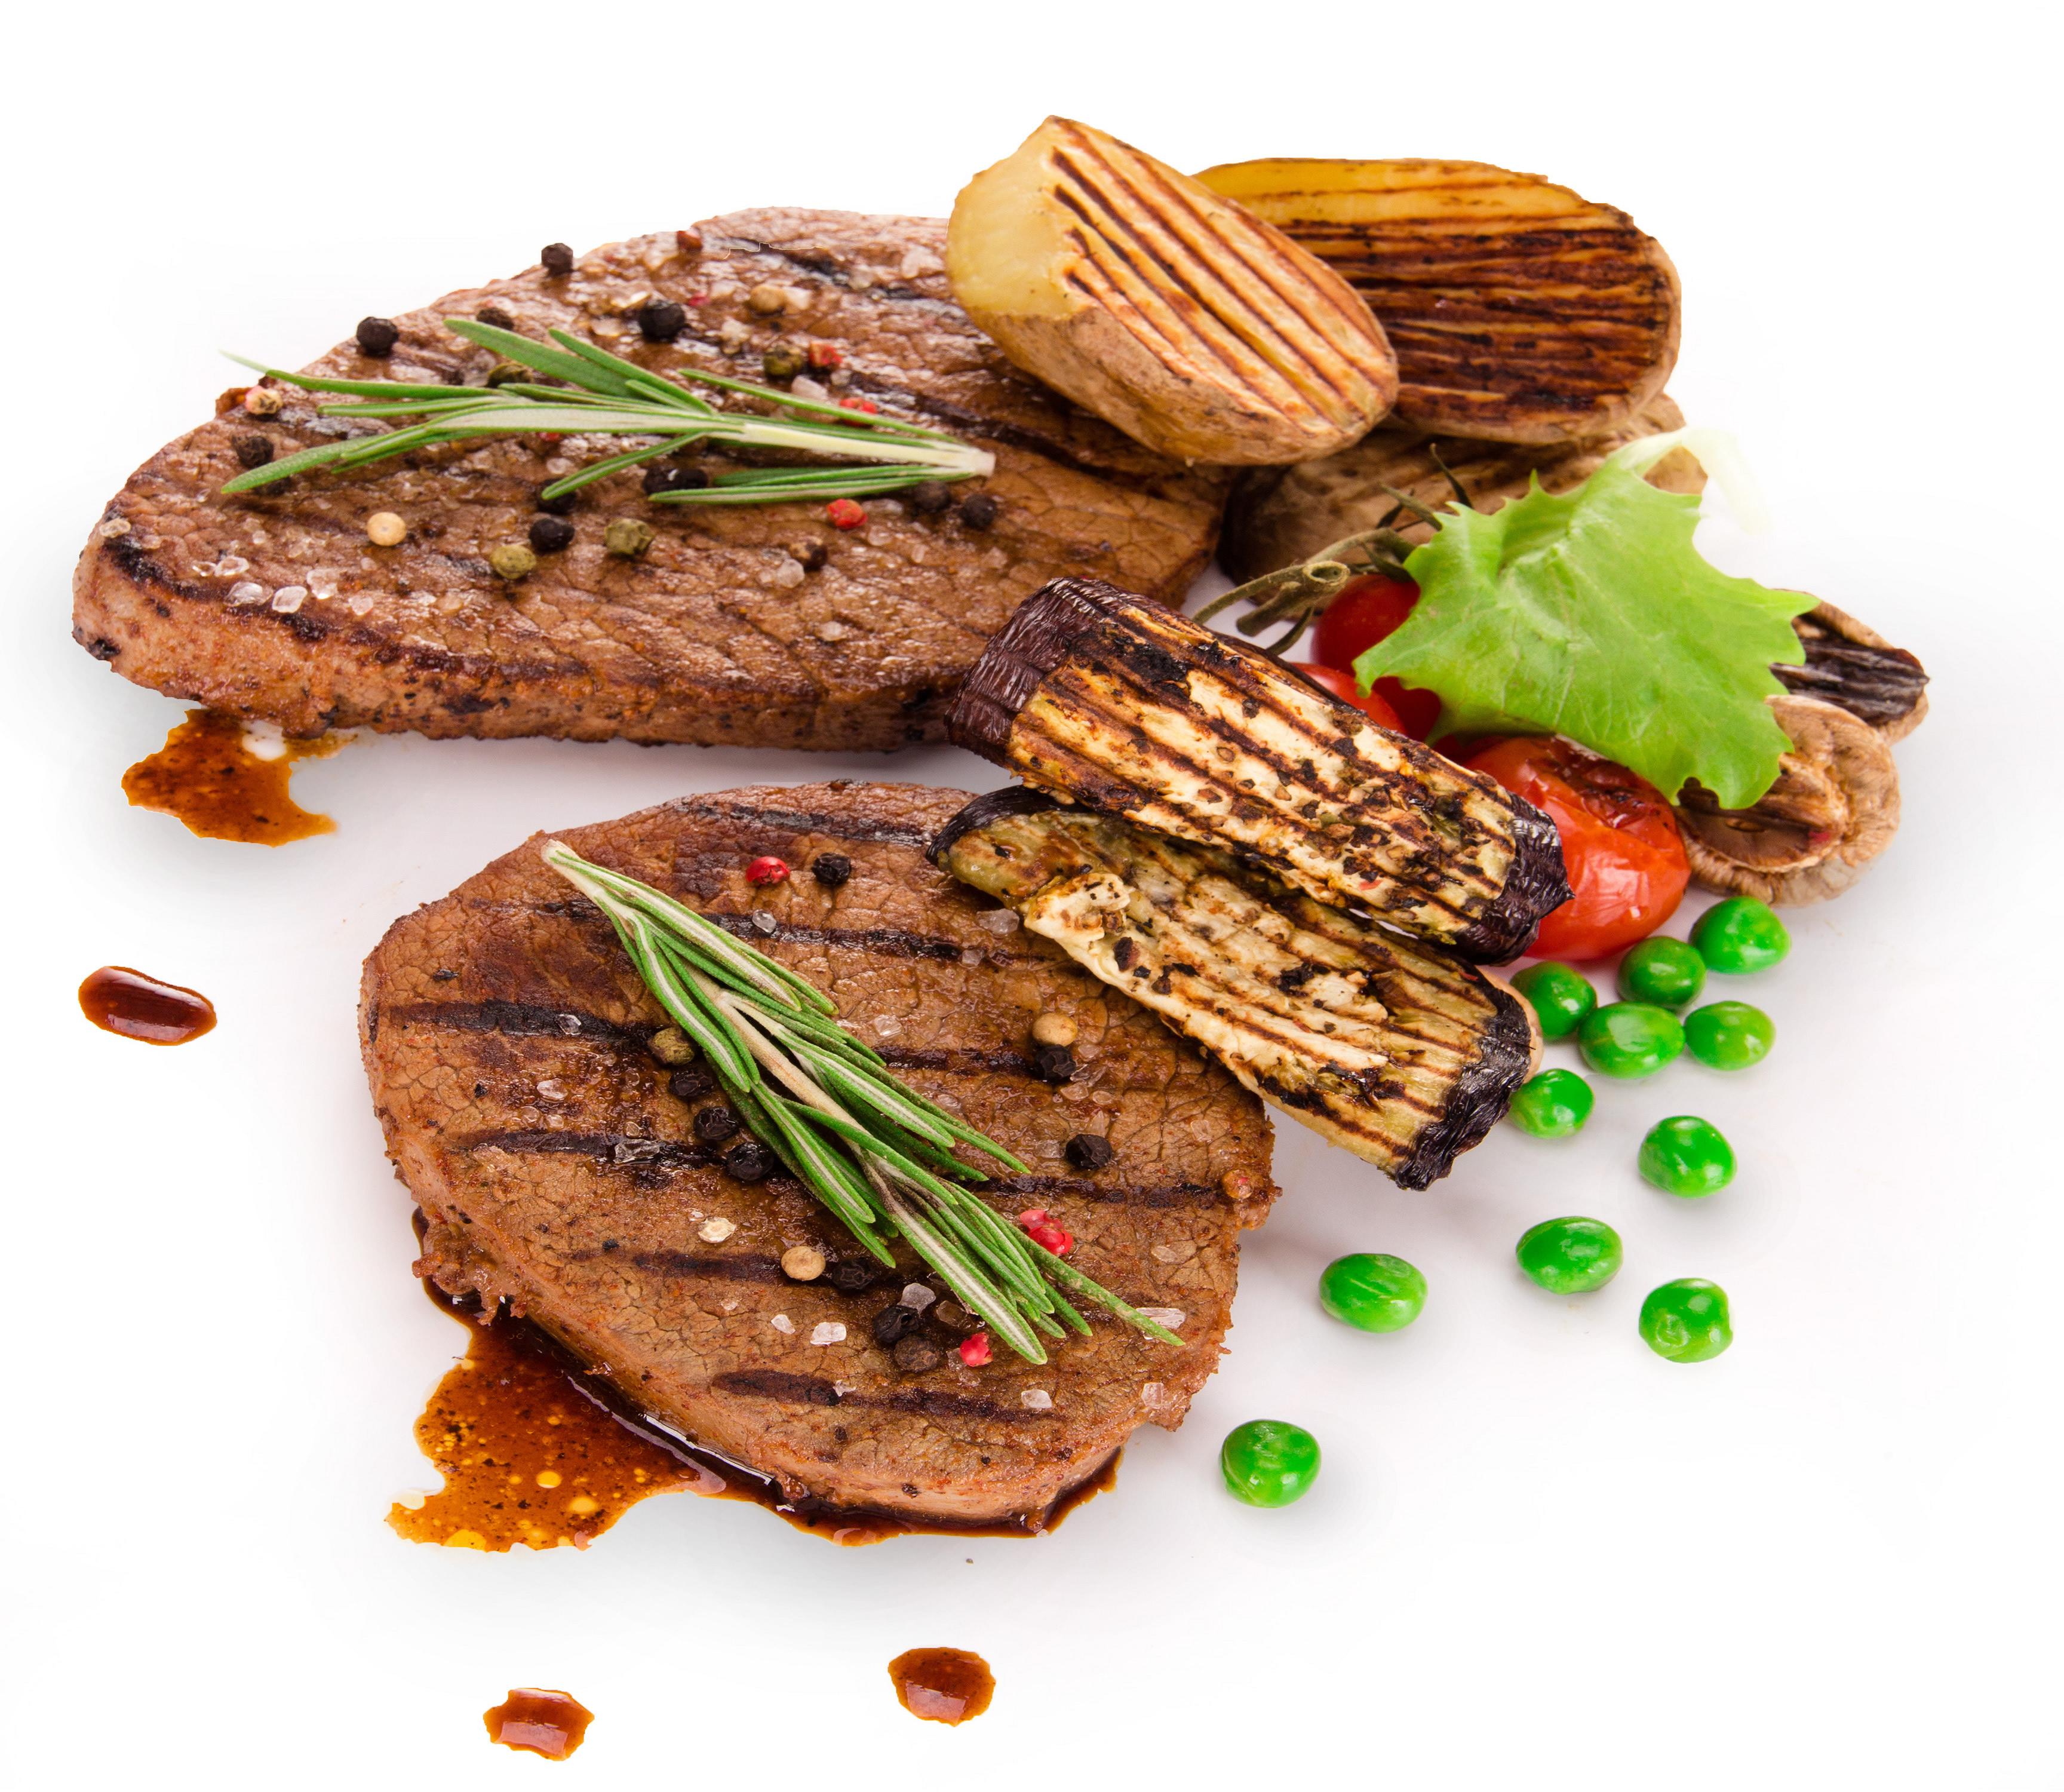 Мясо с приправами, фото, для рабочего стола, бифштекс, отбивная, фото